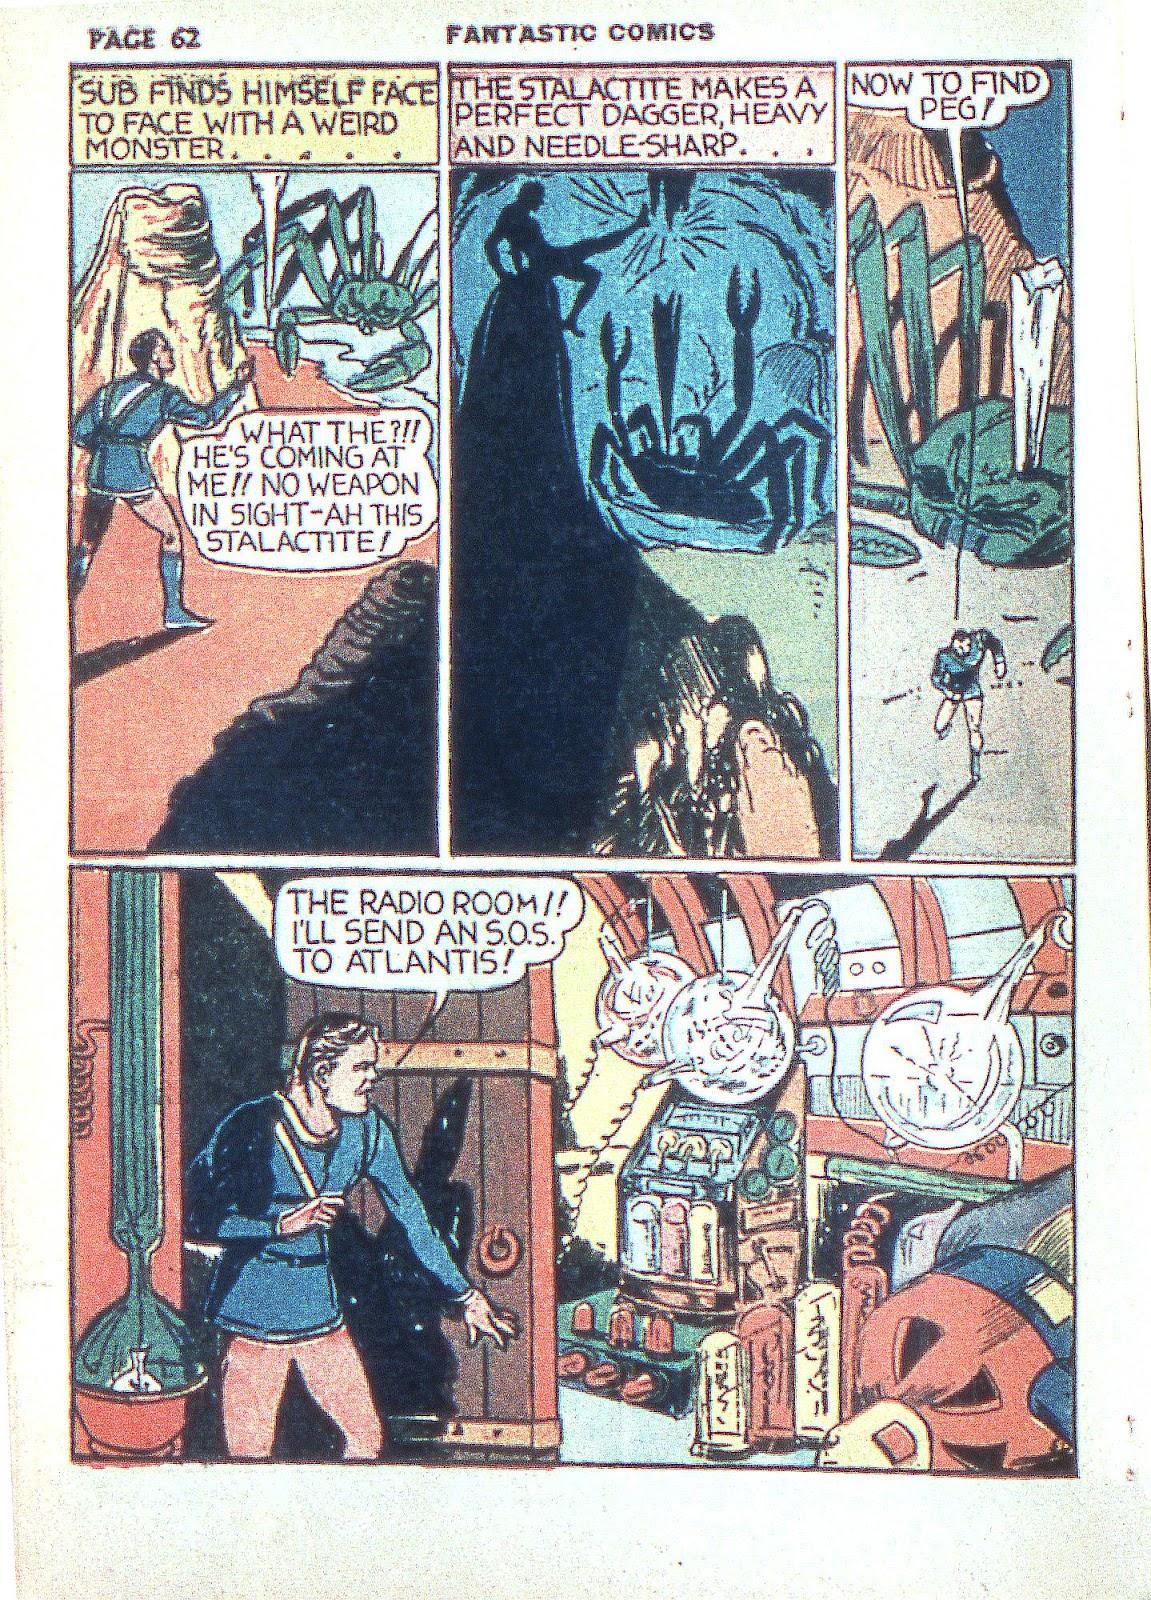 Read online Fantastic Comics comic -  Issue #3 - 64